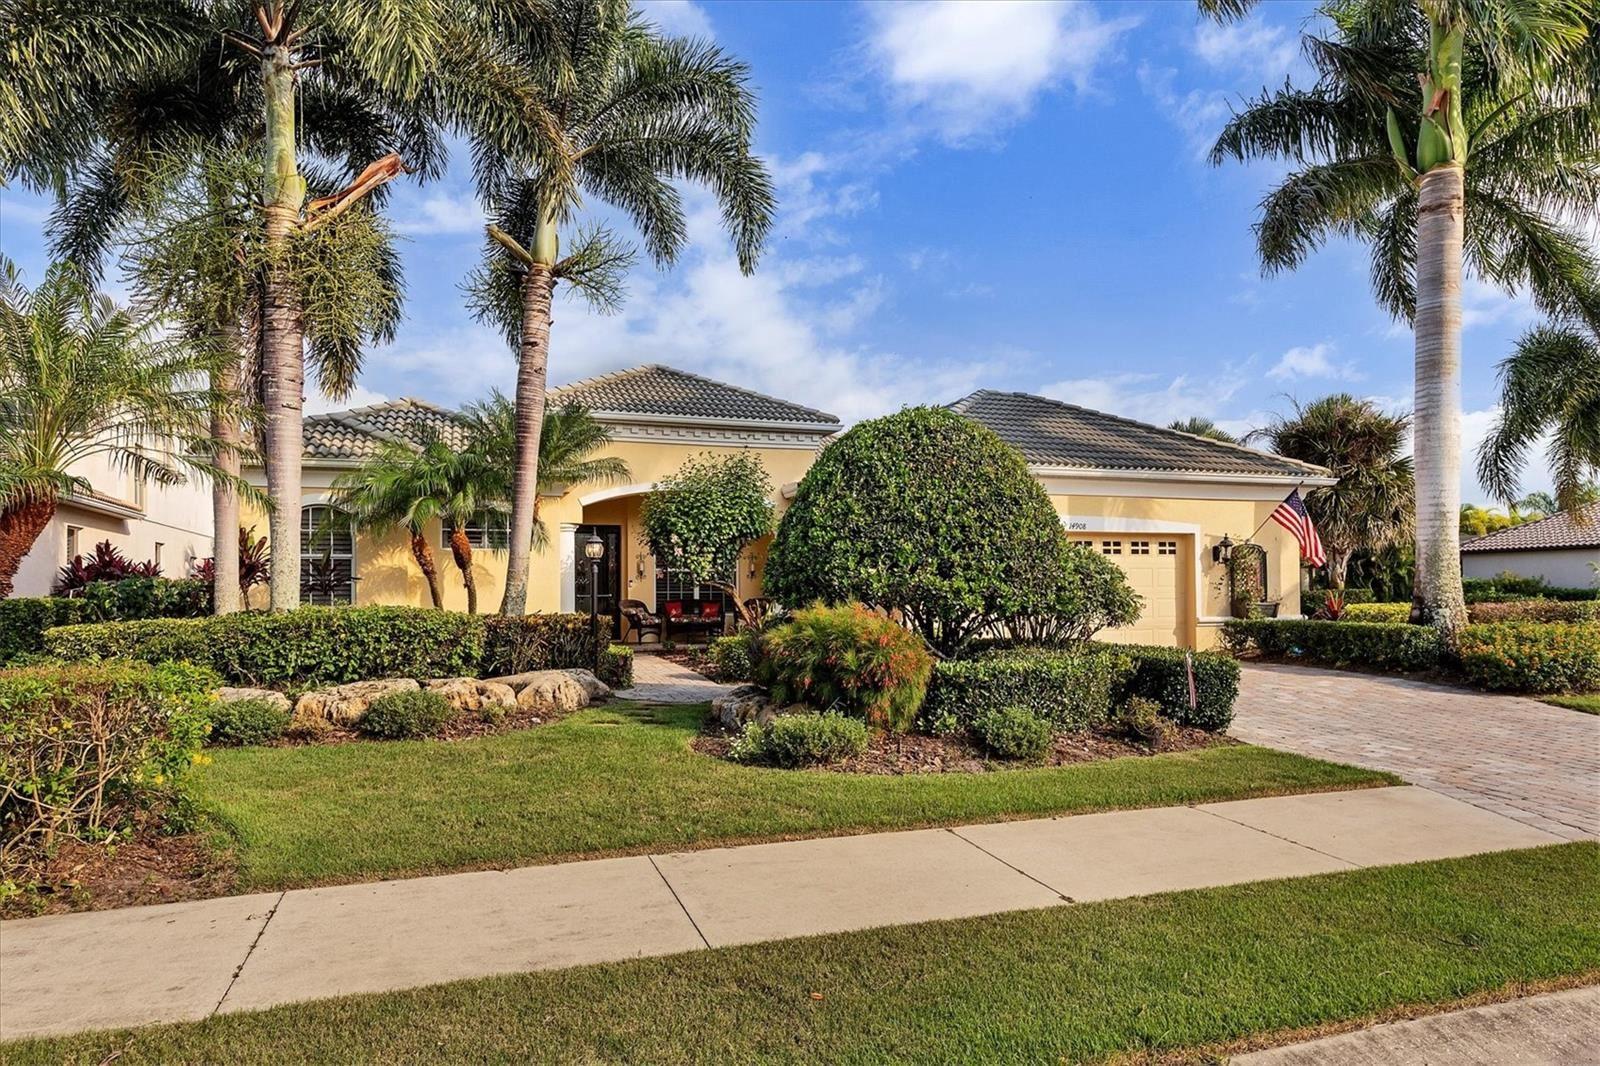 14908 BOWFIN TERRACE, Lakewood Ranch, FL 34202 - #: A4506664